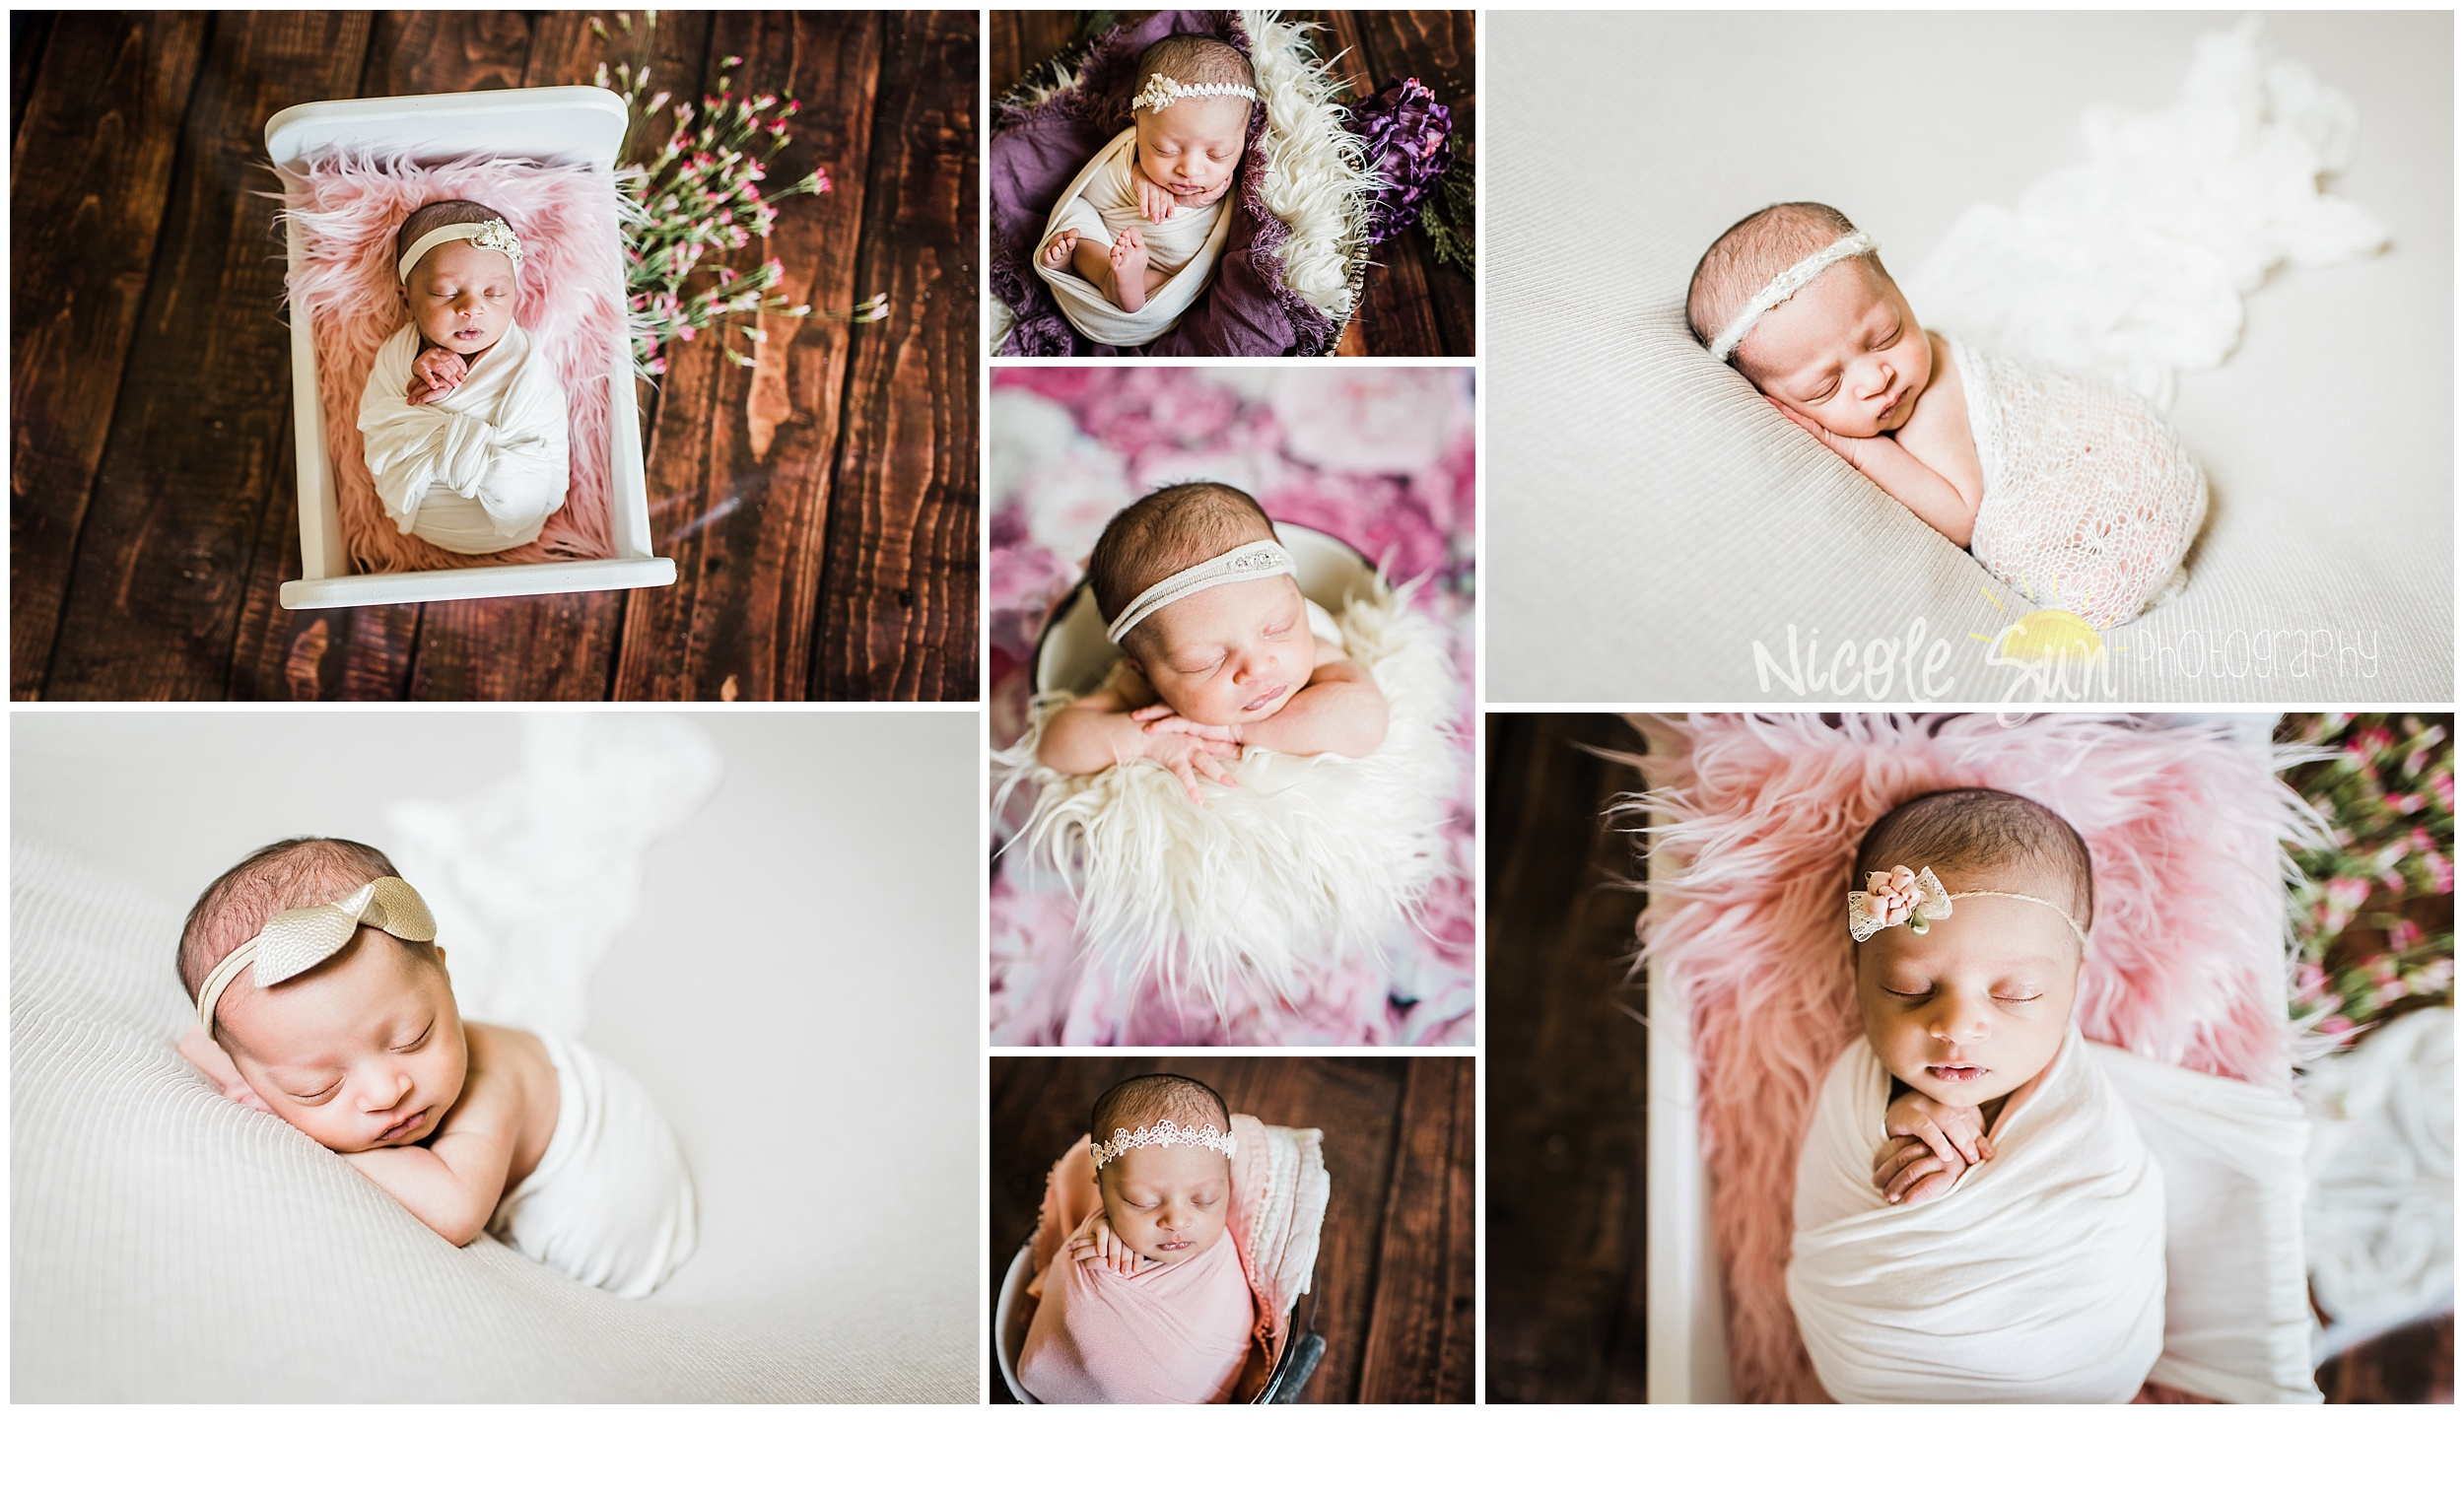 littleelmnewbornbabyphotos.jpg